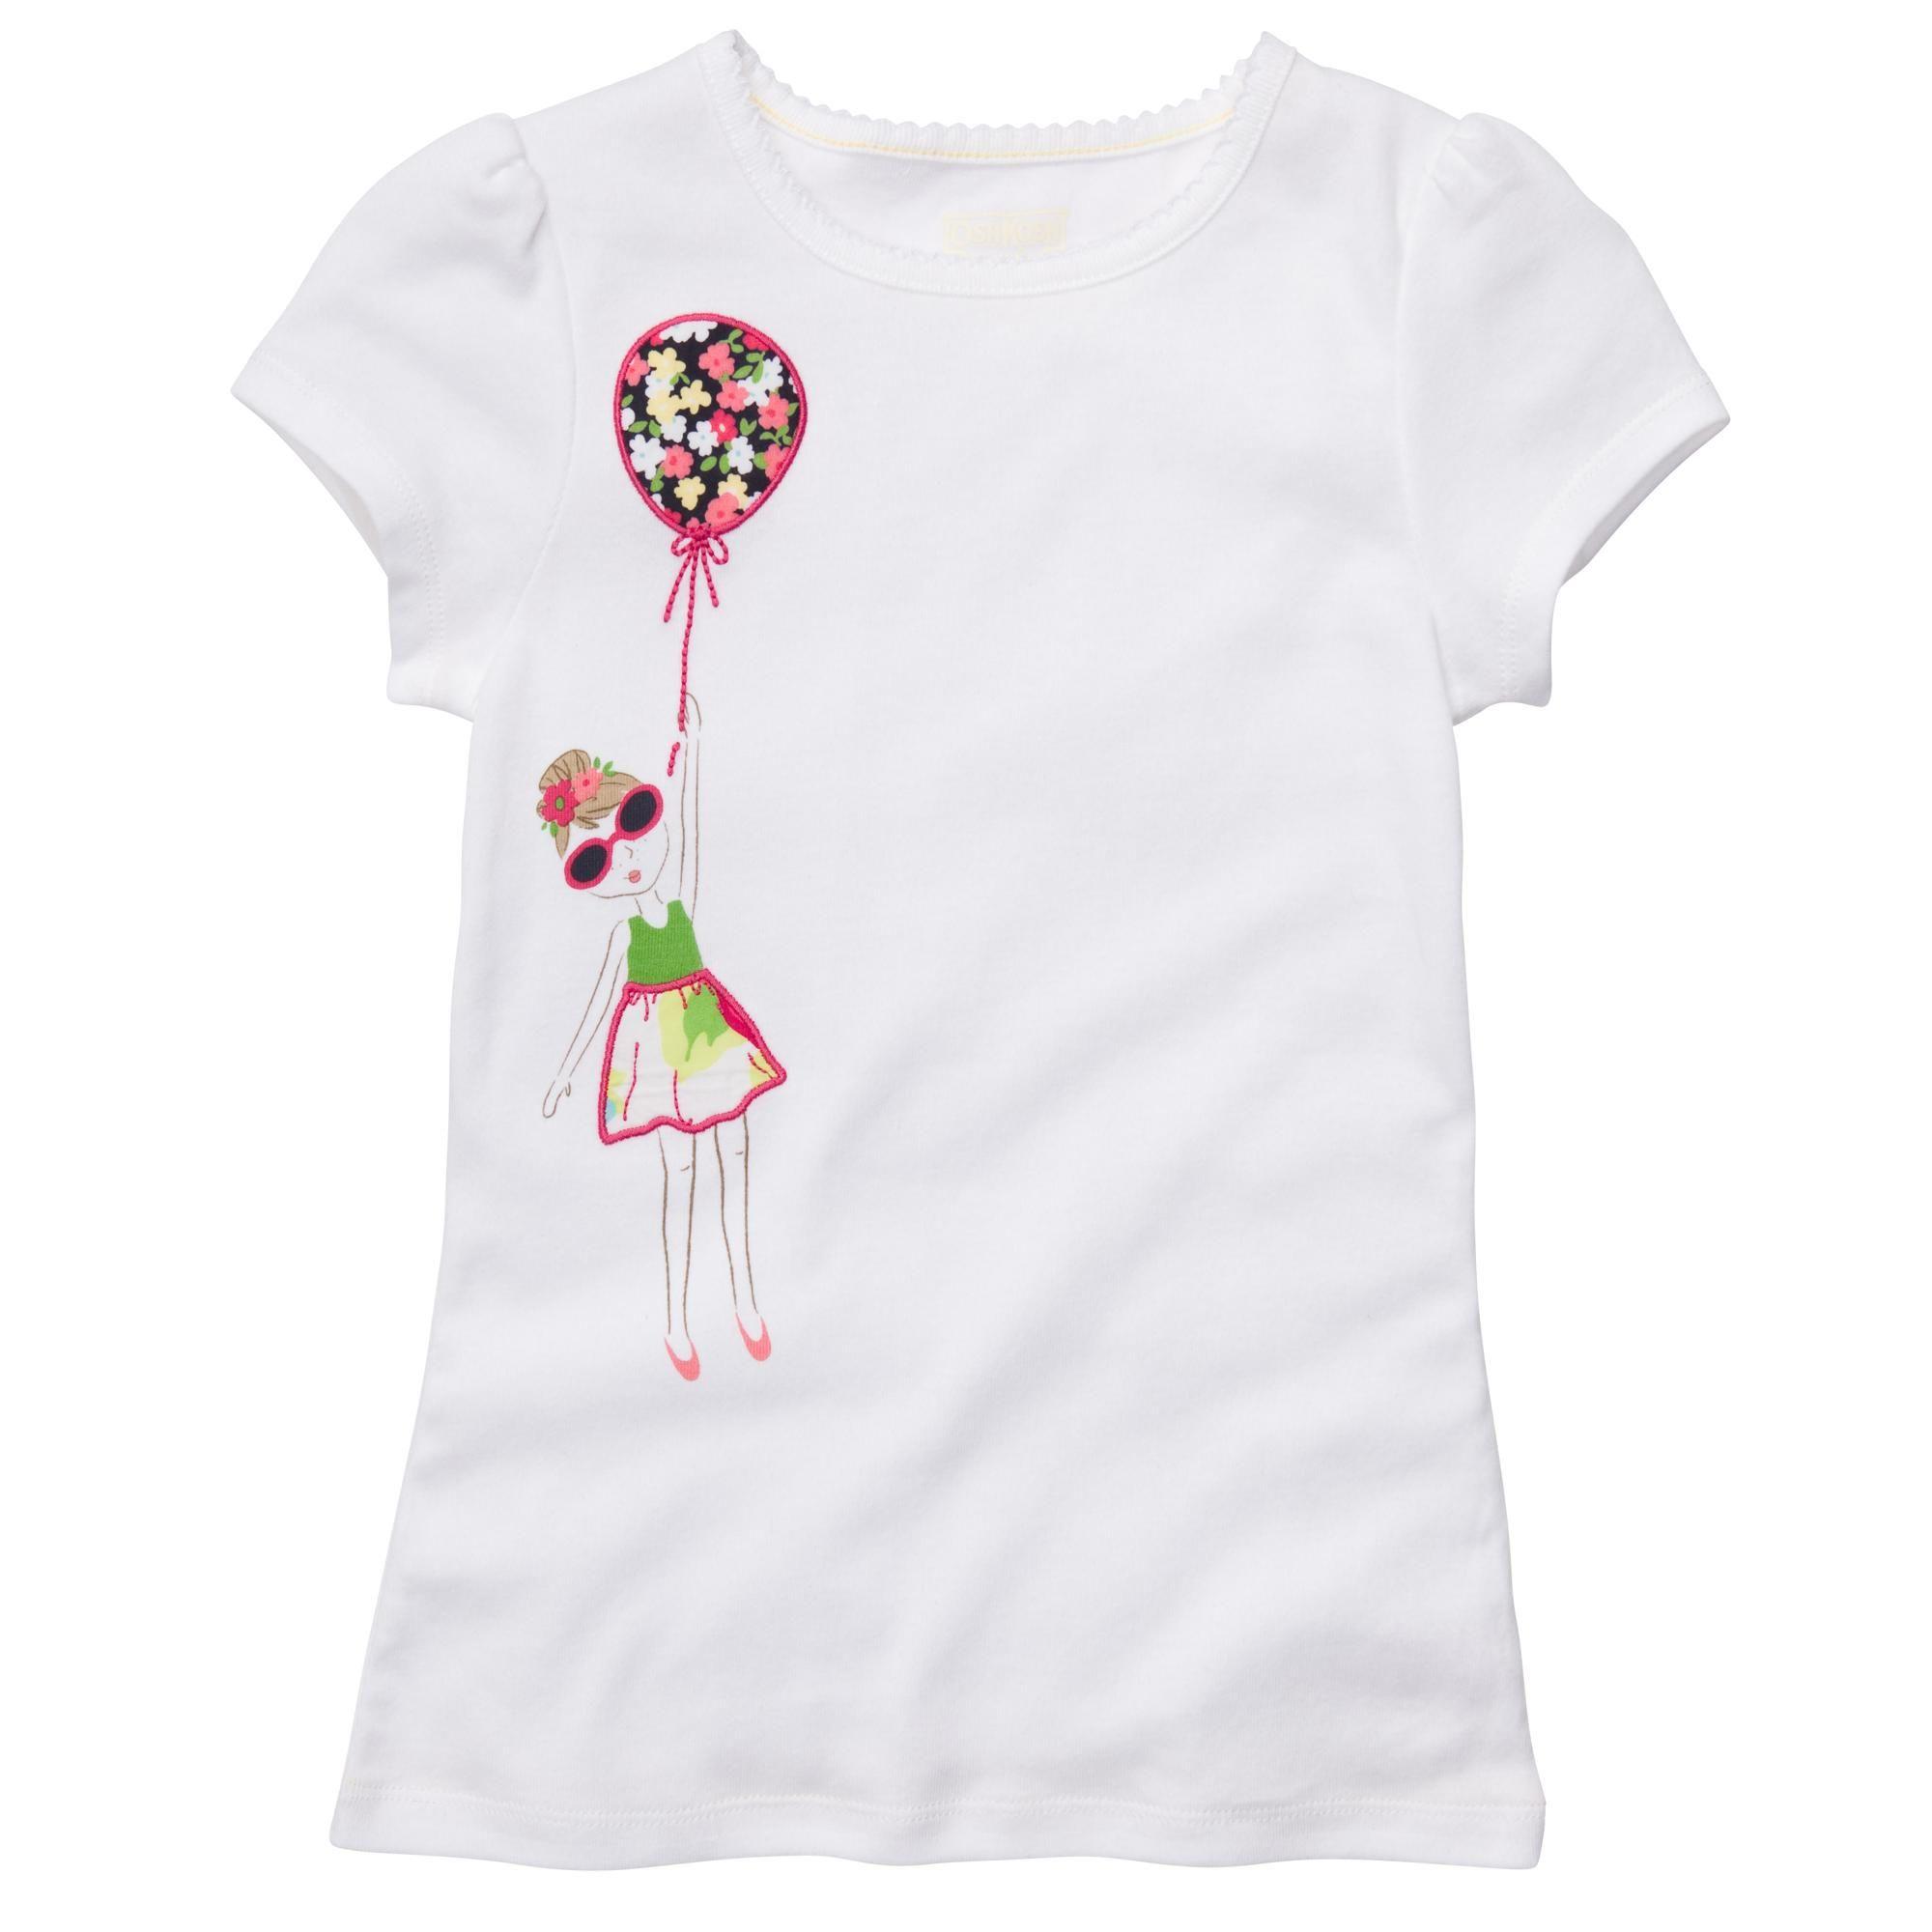 Birthday Shirts Short Sleeve Graphic Tee